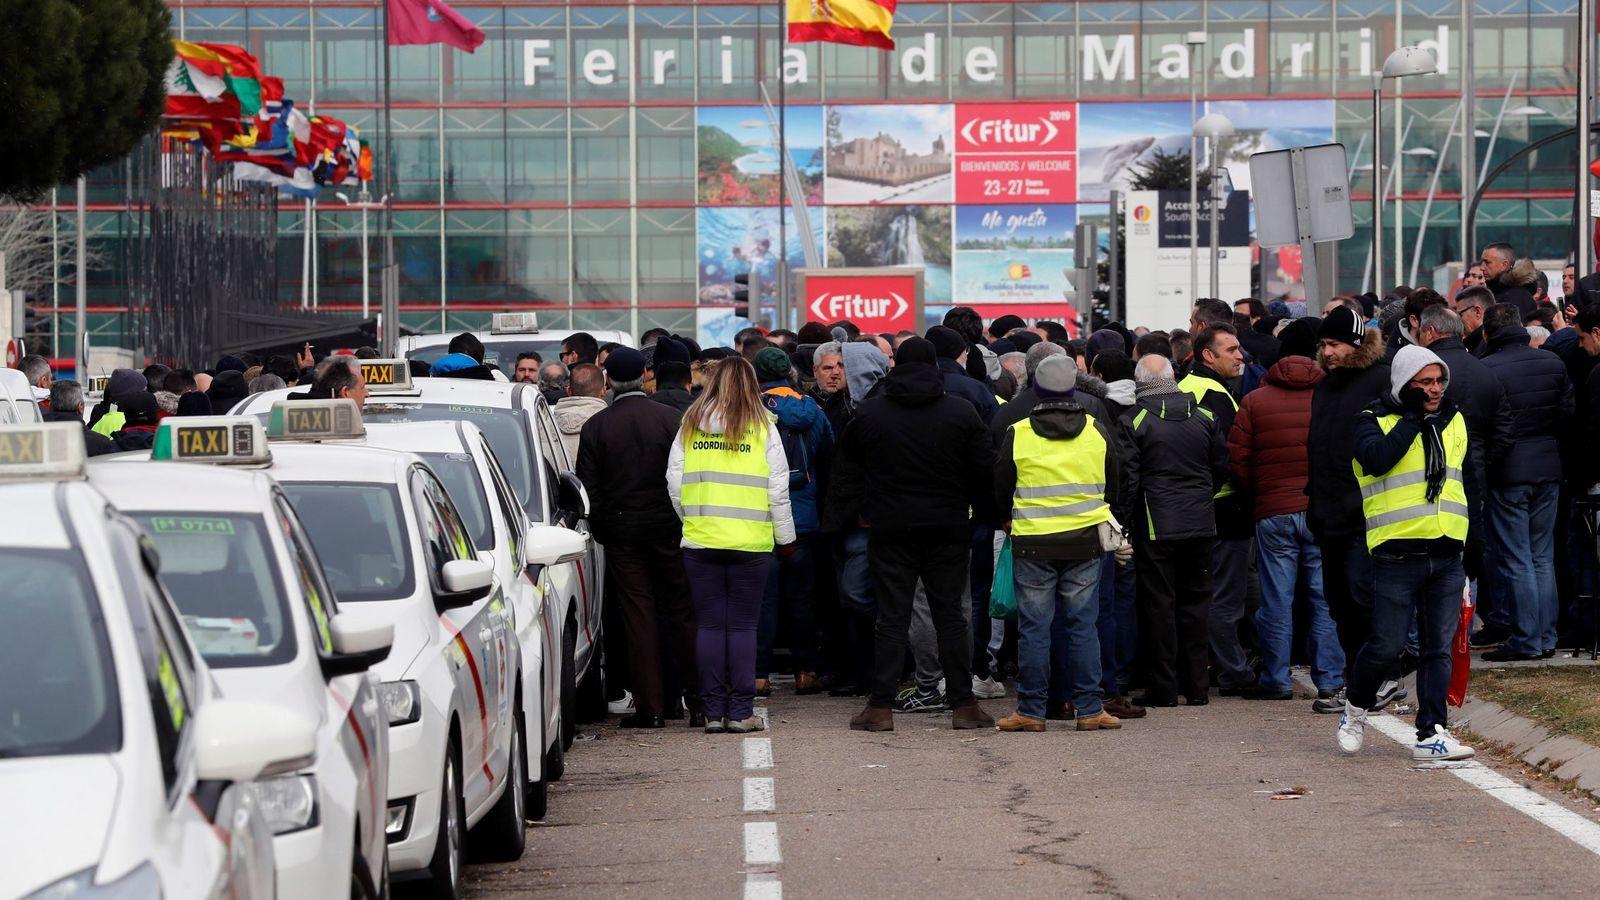 Foto: Los asistentes a Fitur no saben si podrán llegar a su destino sin incidencias. (EFE)